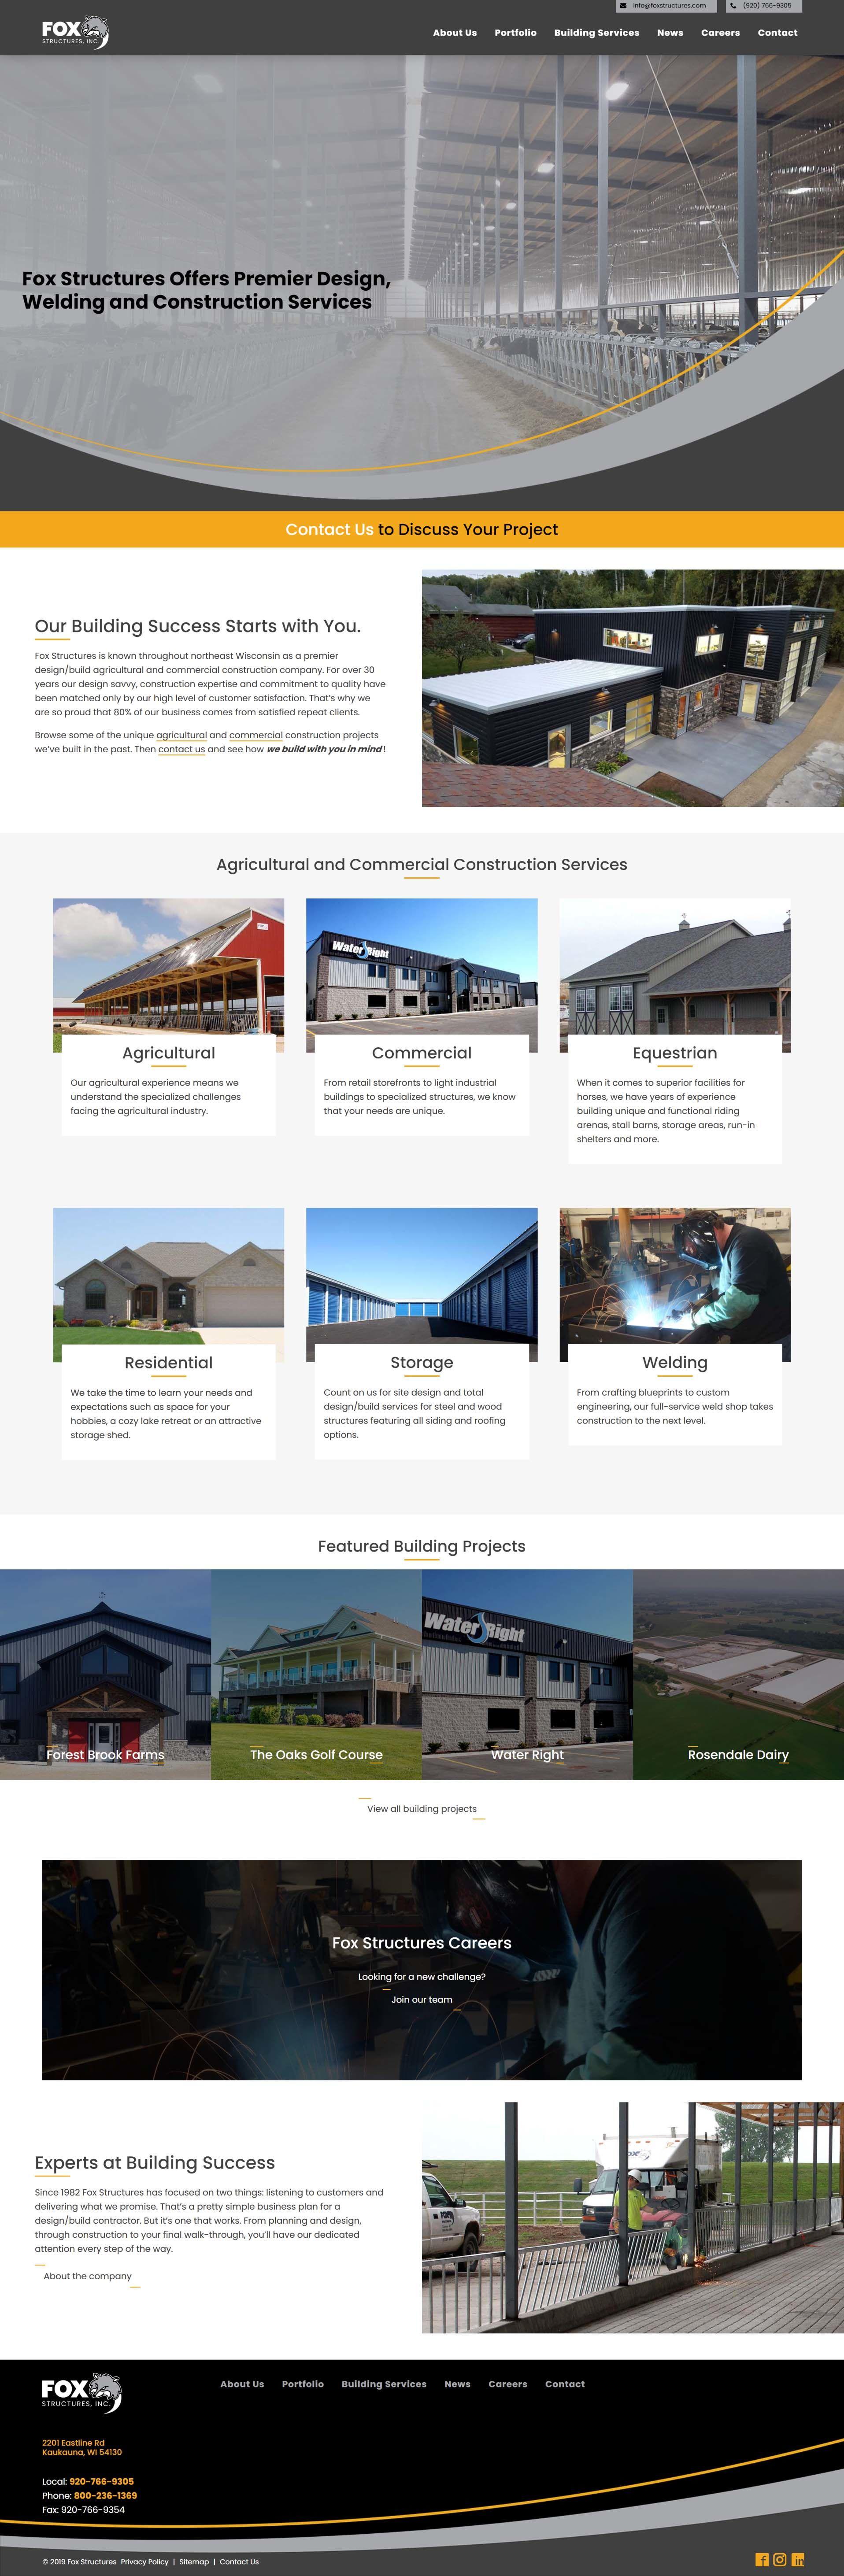 Fox Structures new website design